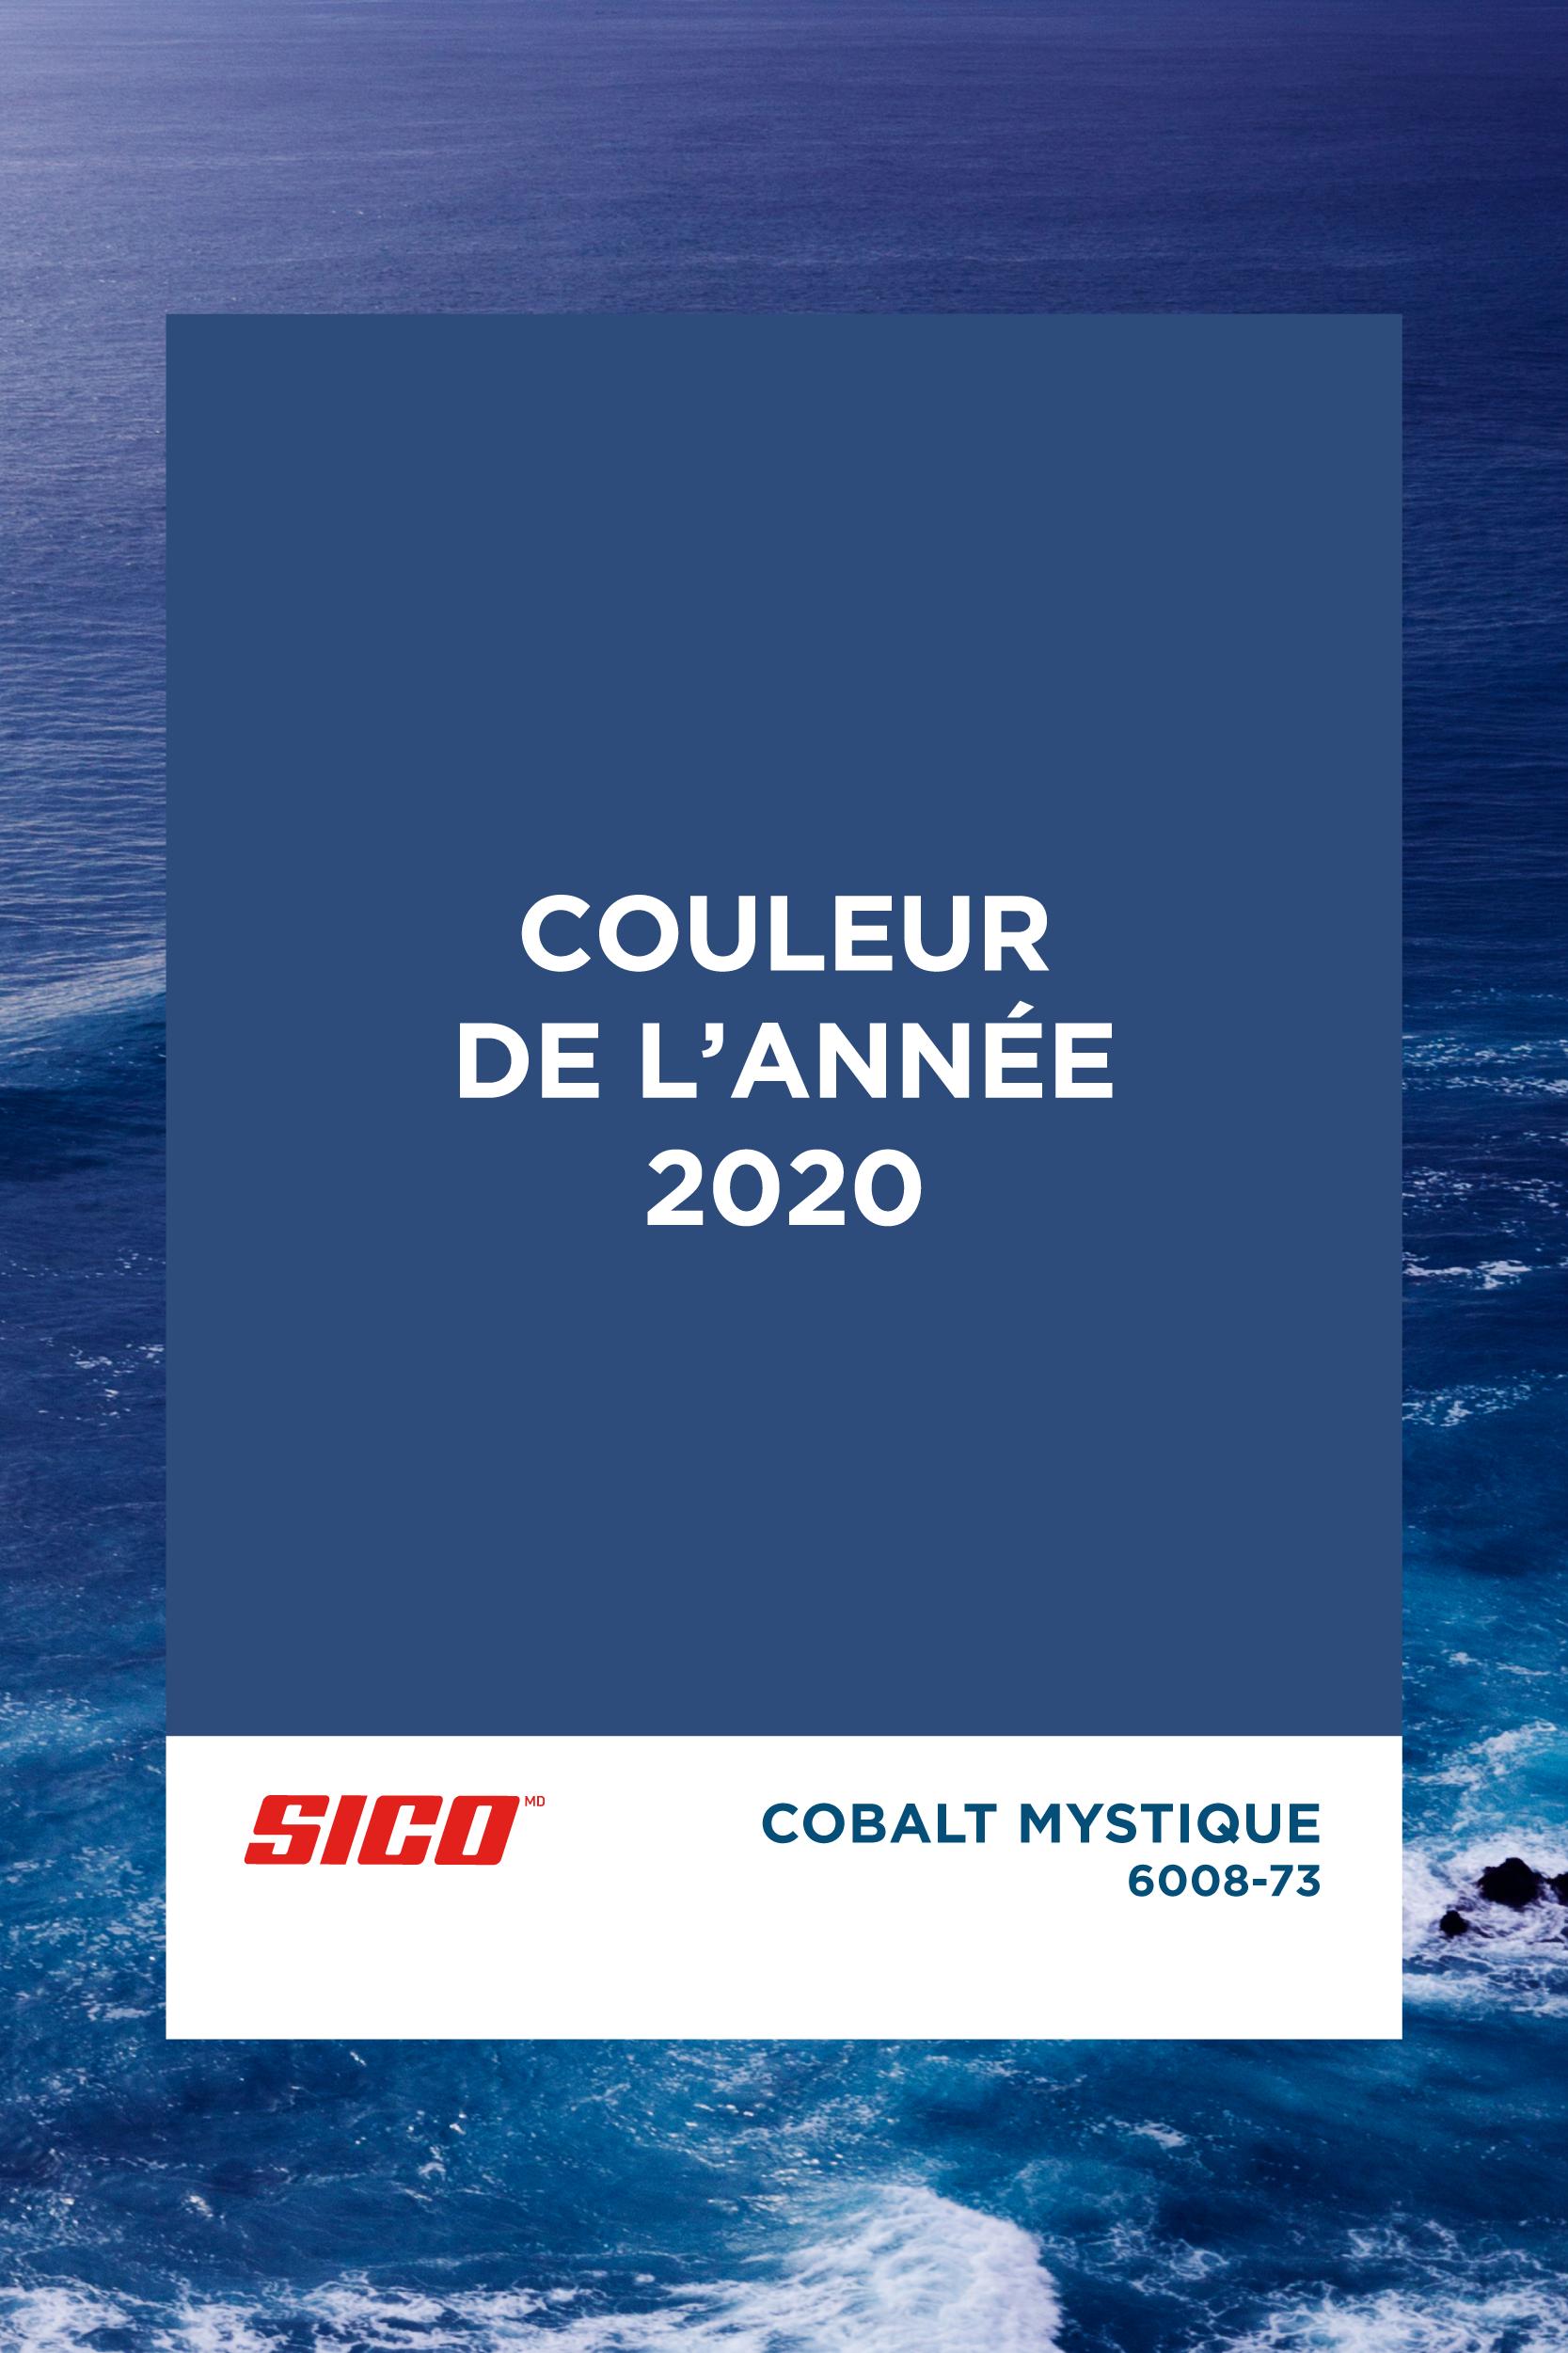 Couleur De L Annee Sico 2020 Trending Paint Colors Trending